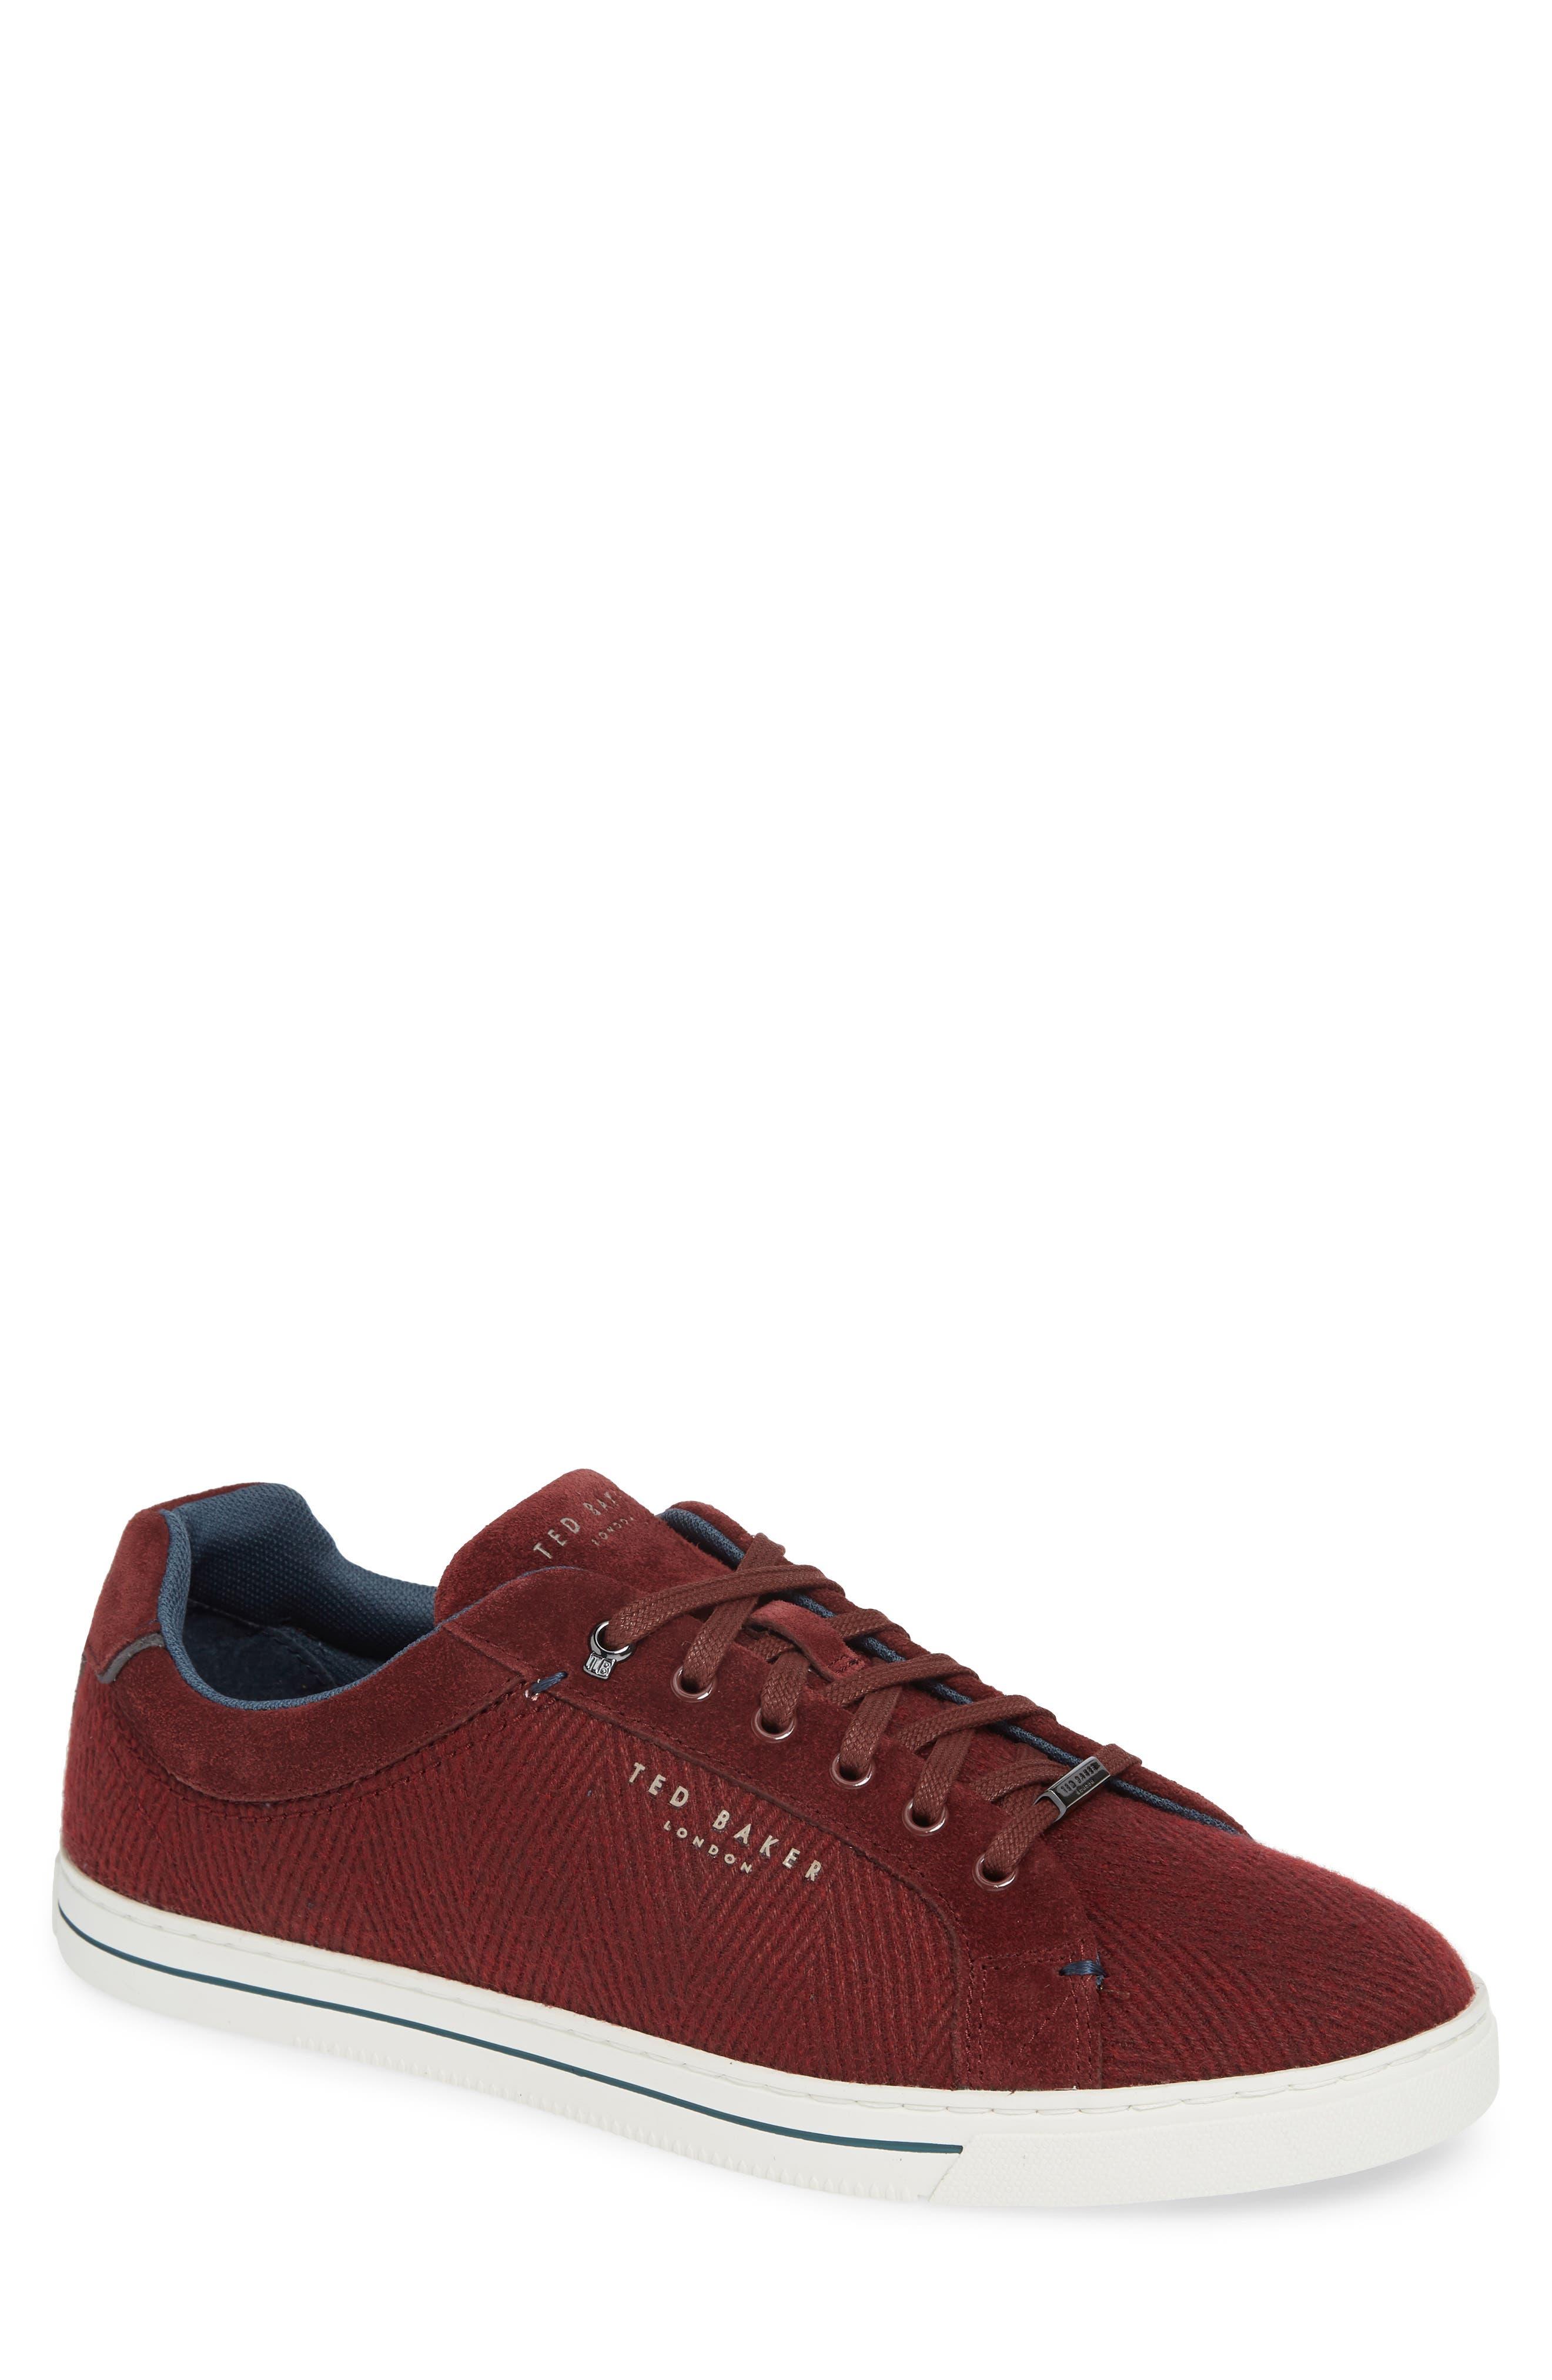 Ted Baker London Werill Sneaker, Burgundy